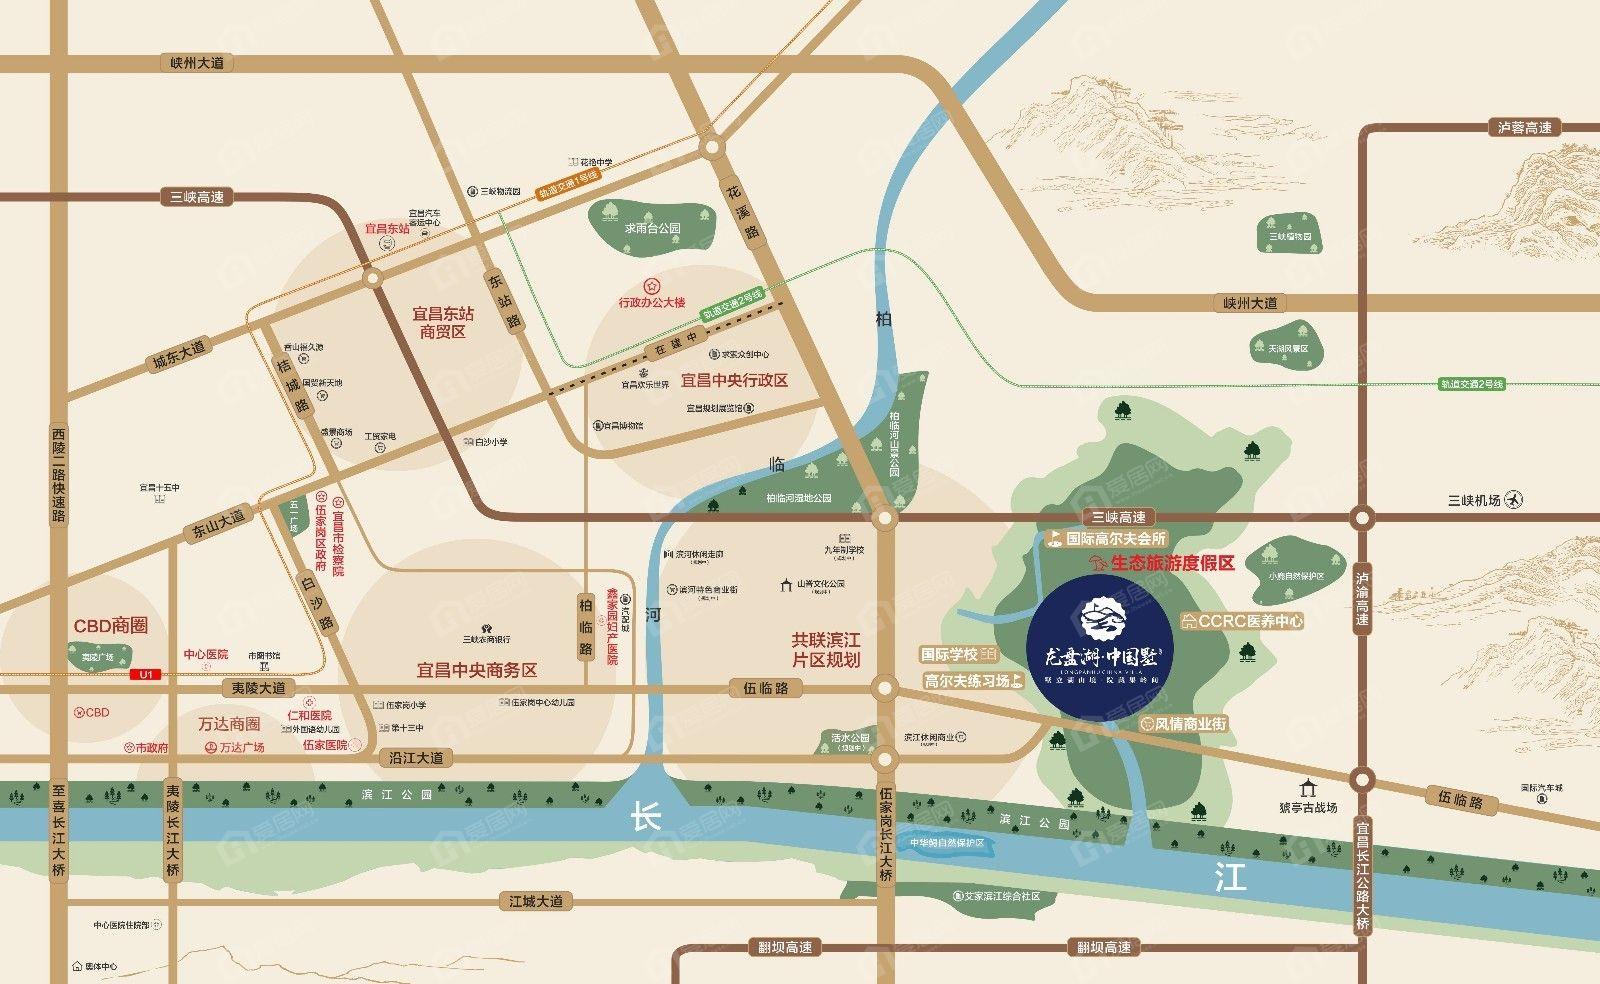 龙盘湖·中国墅区位图